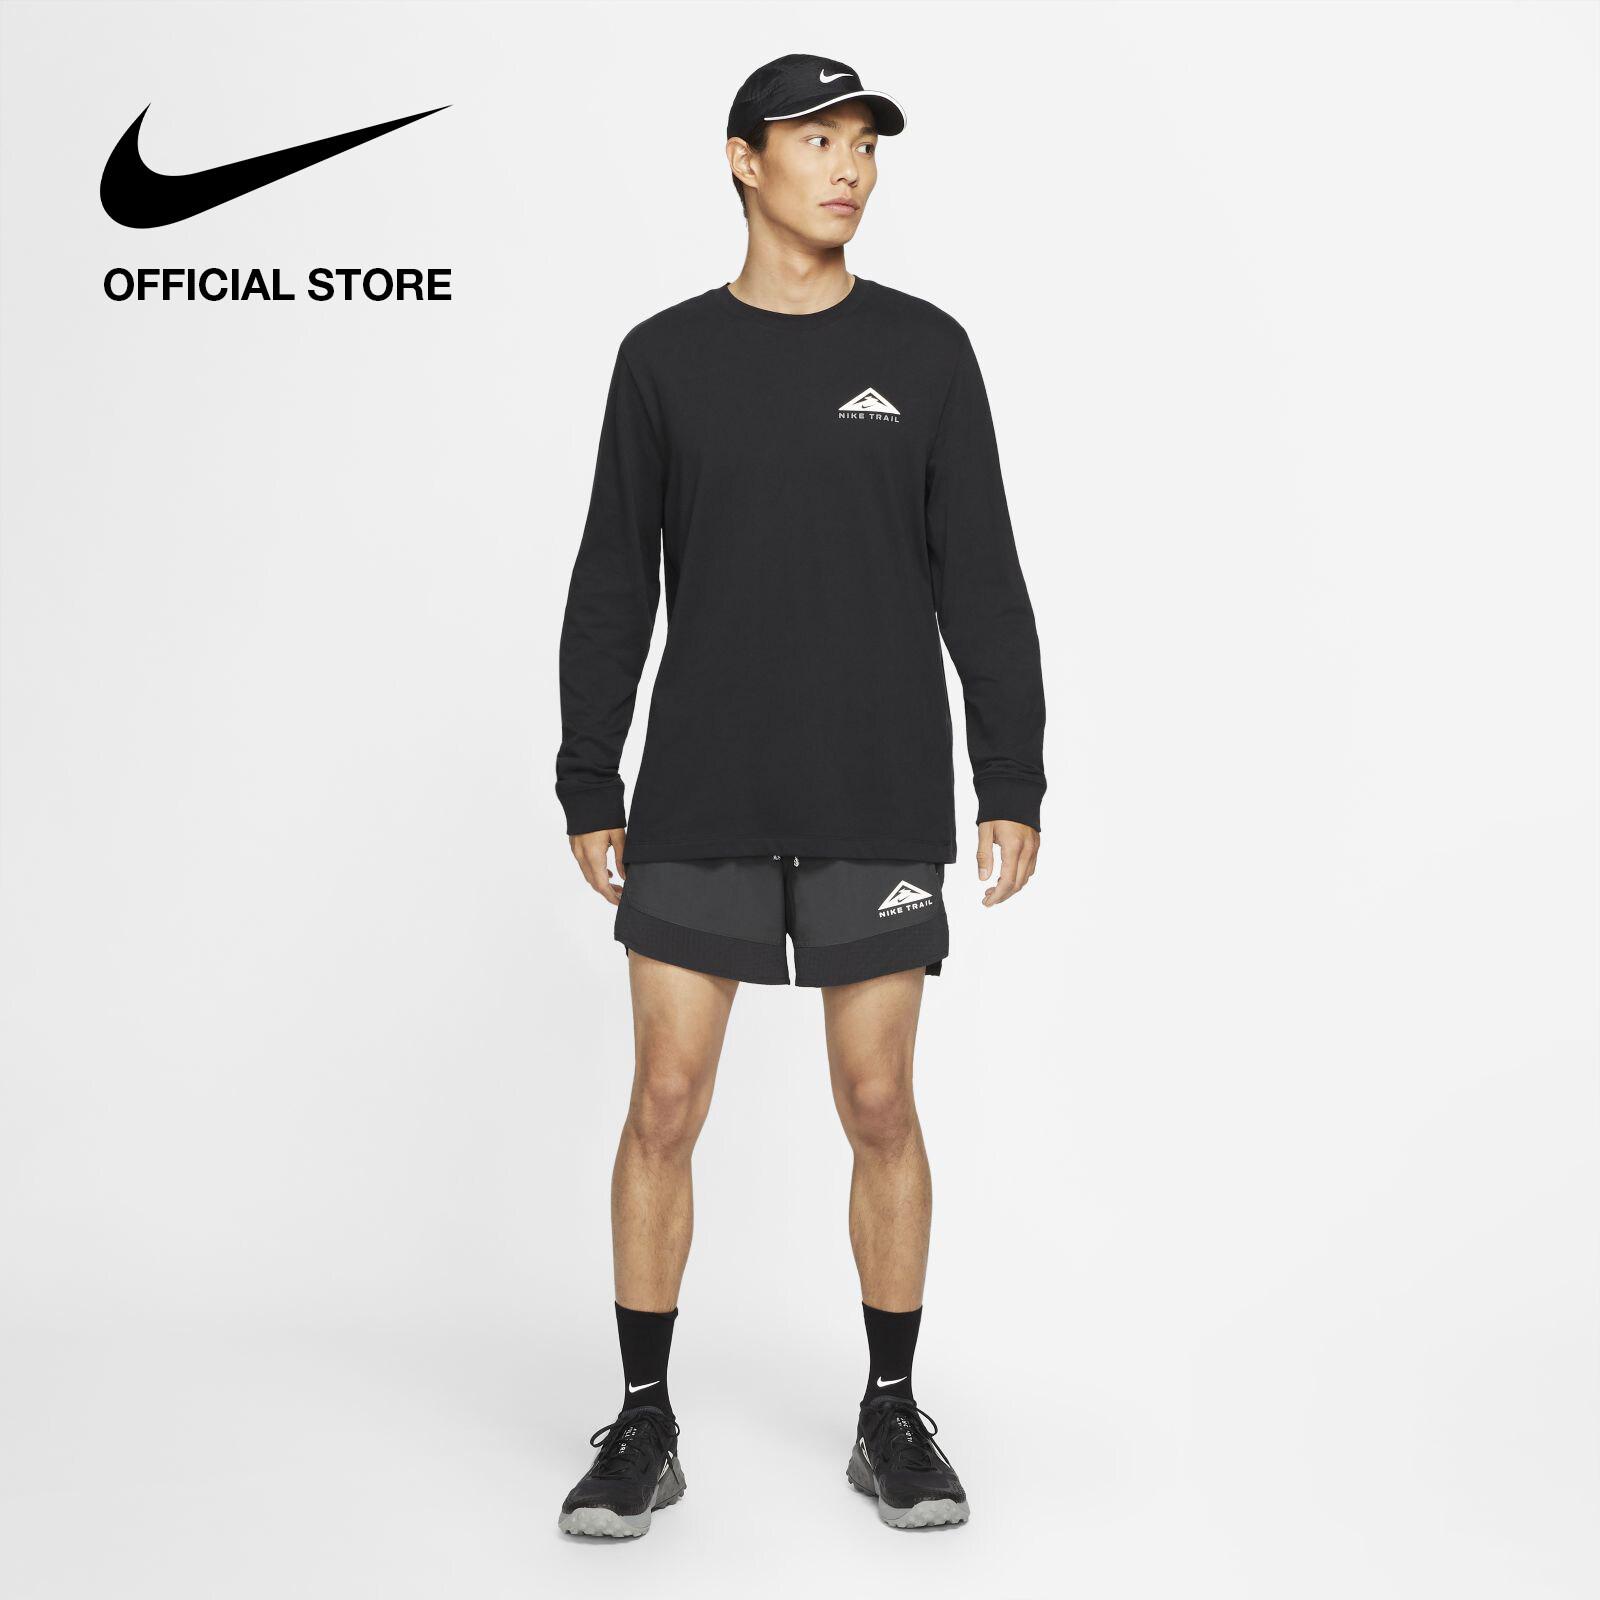 รีวิว Nike Men's Dri-FIT Flex Stride Trail Short - Black ไนกี้ กางเกงขาสั้นเทรลผู้ชาย ดรายฟิต เฟล็กซ์ สตรายด์ - สีดำ